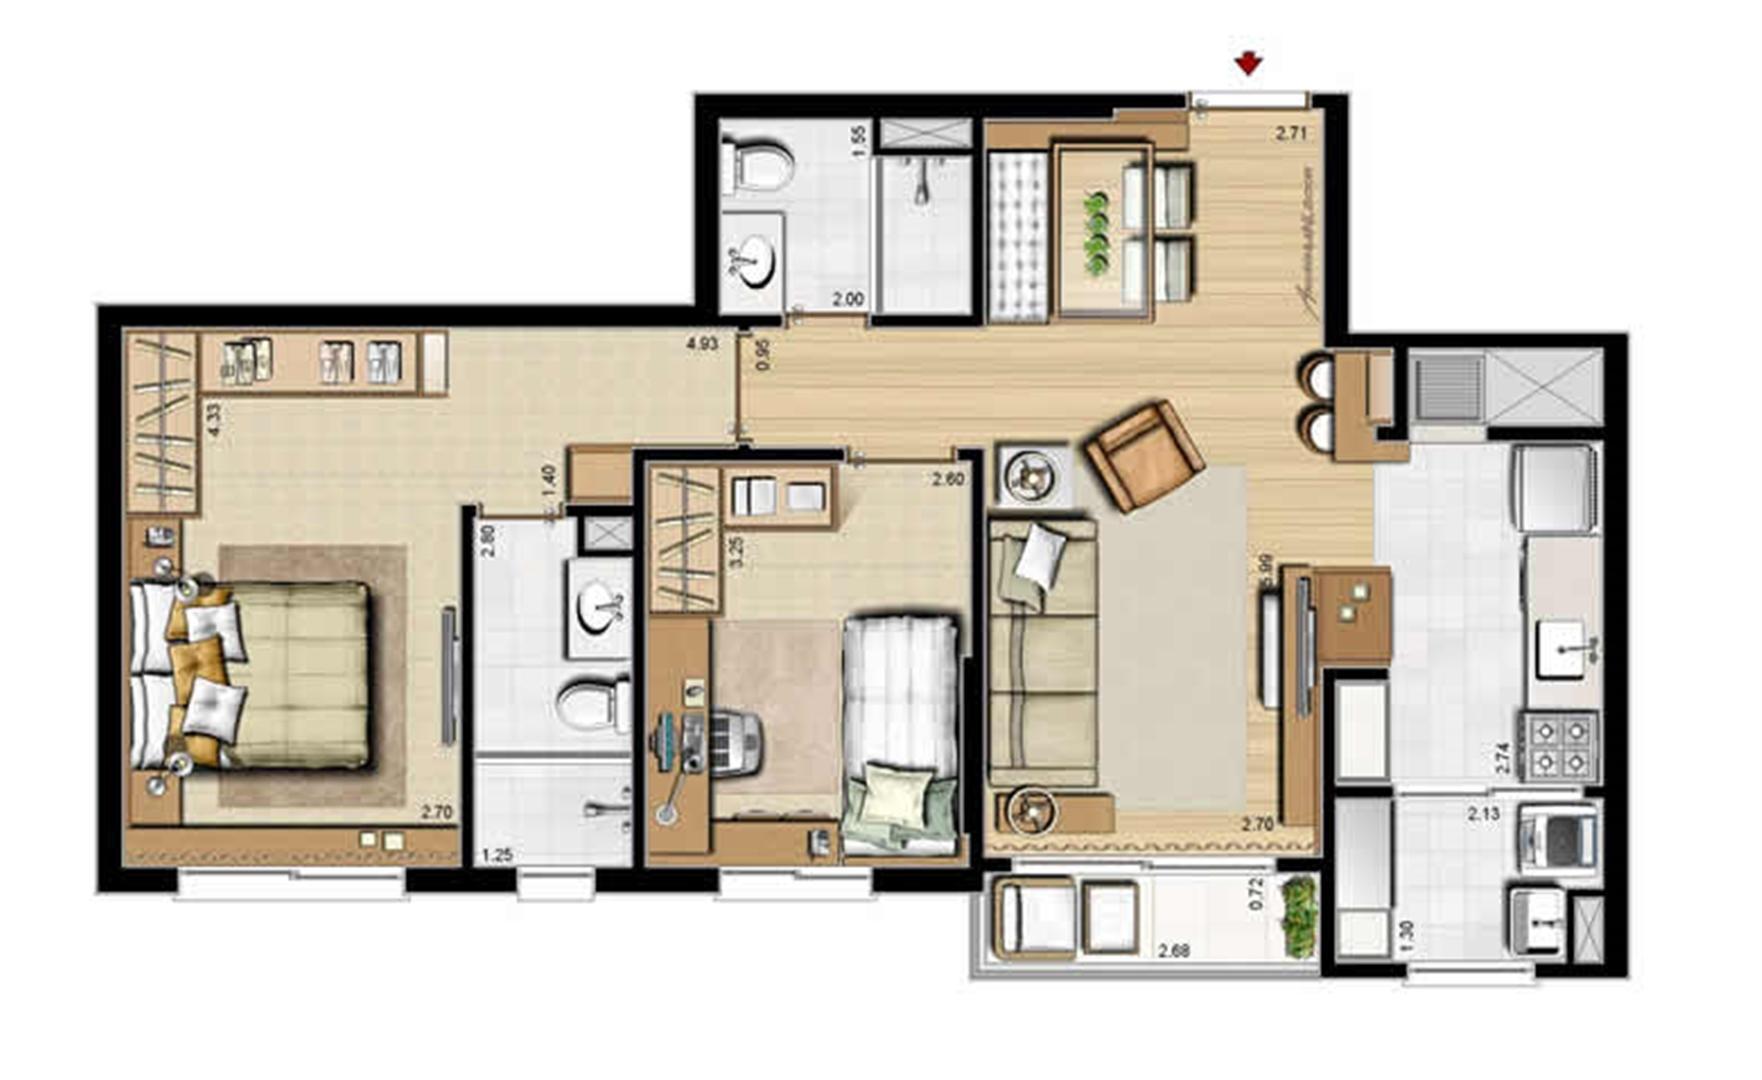 Planta padrão - 2 dormitórios, sendo 1 suíte - 69 m² privativos e 107 m² área total | Villa Mimosa Vita Insolaratta – Apartamento no  Centro - Canoas - Rio Grande do Sul